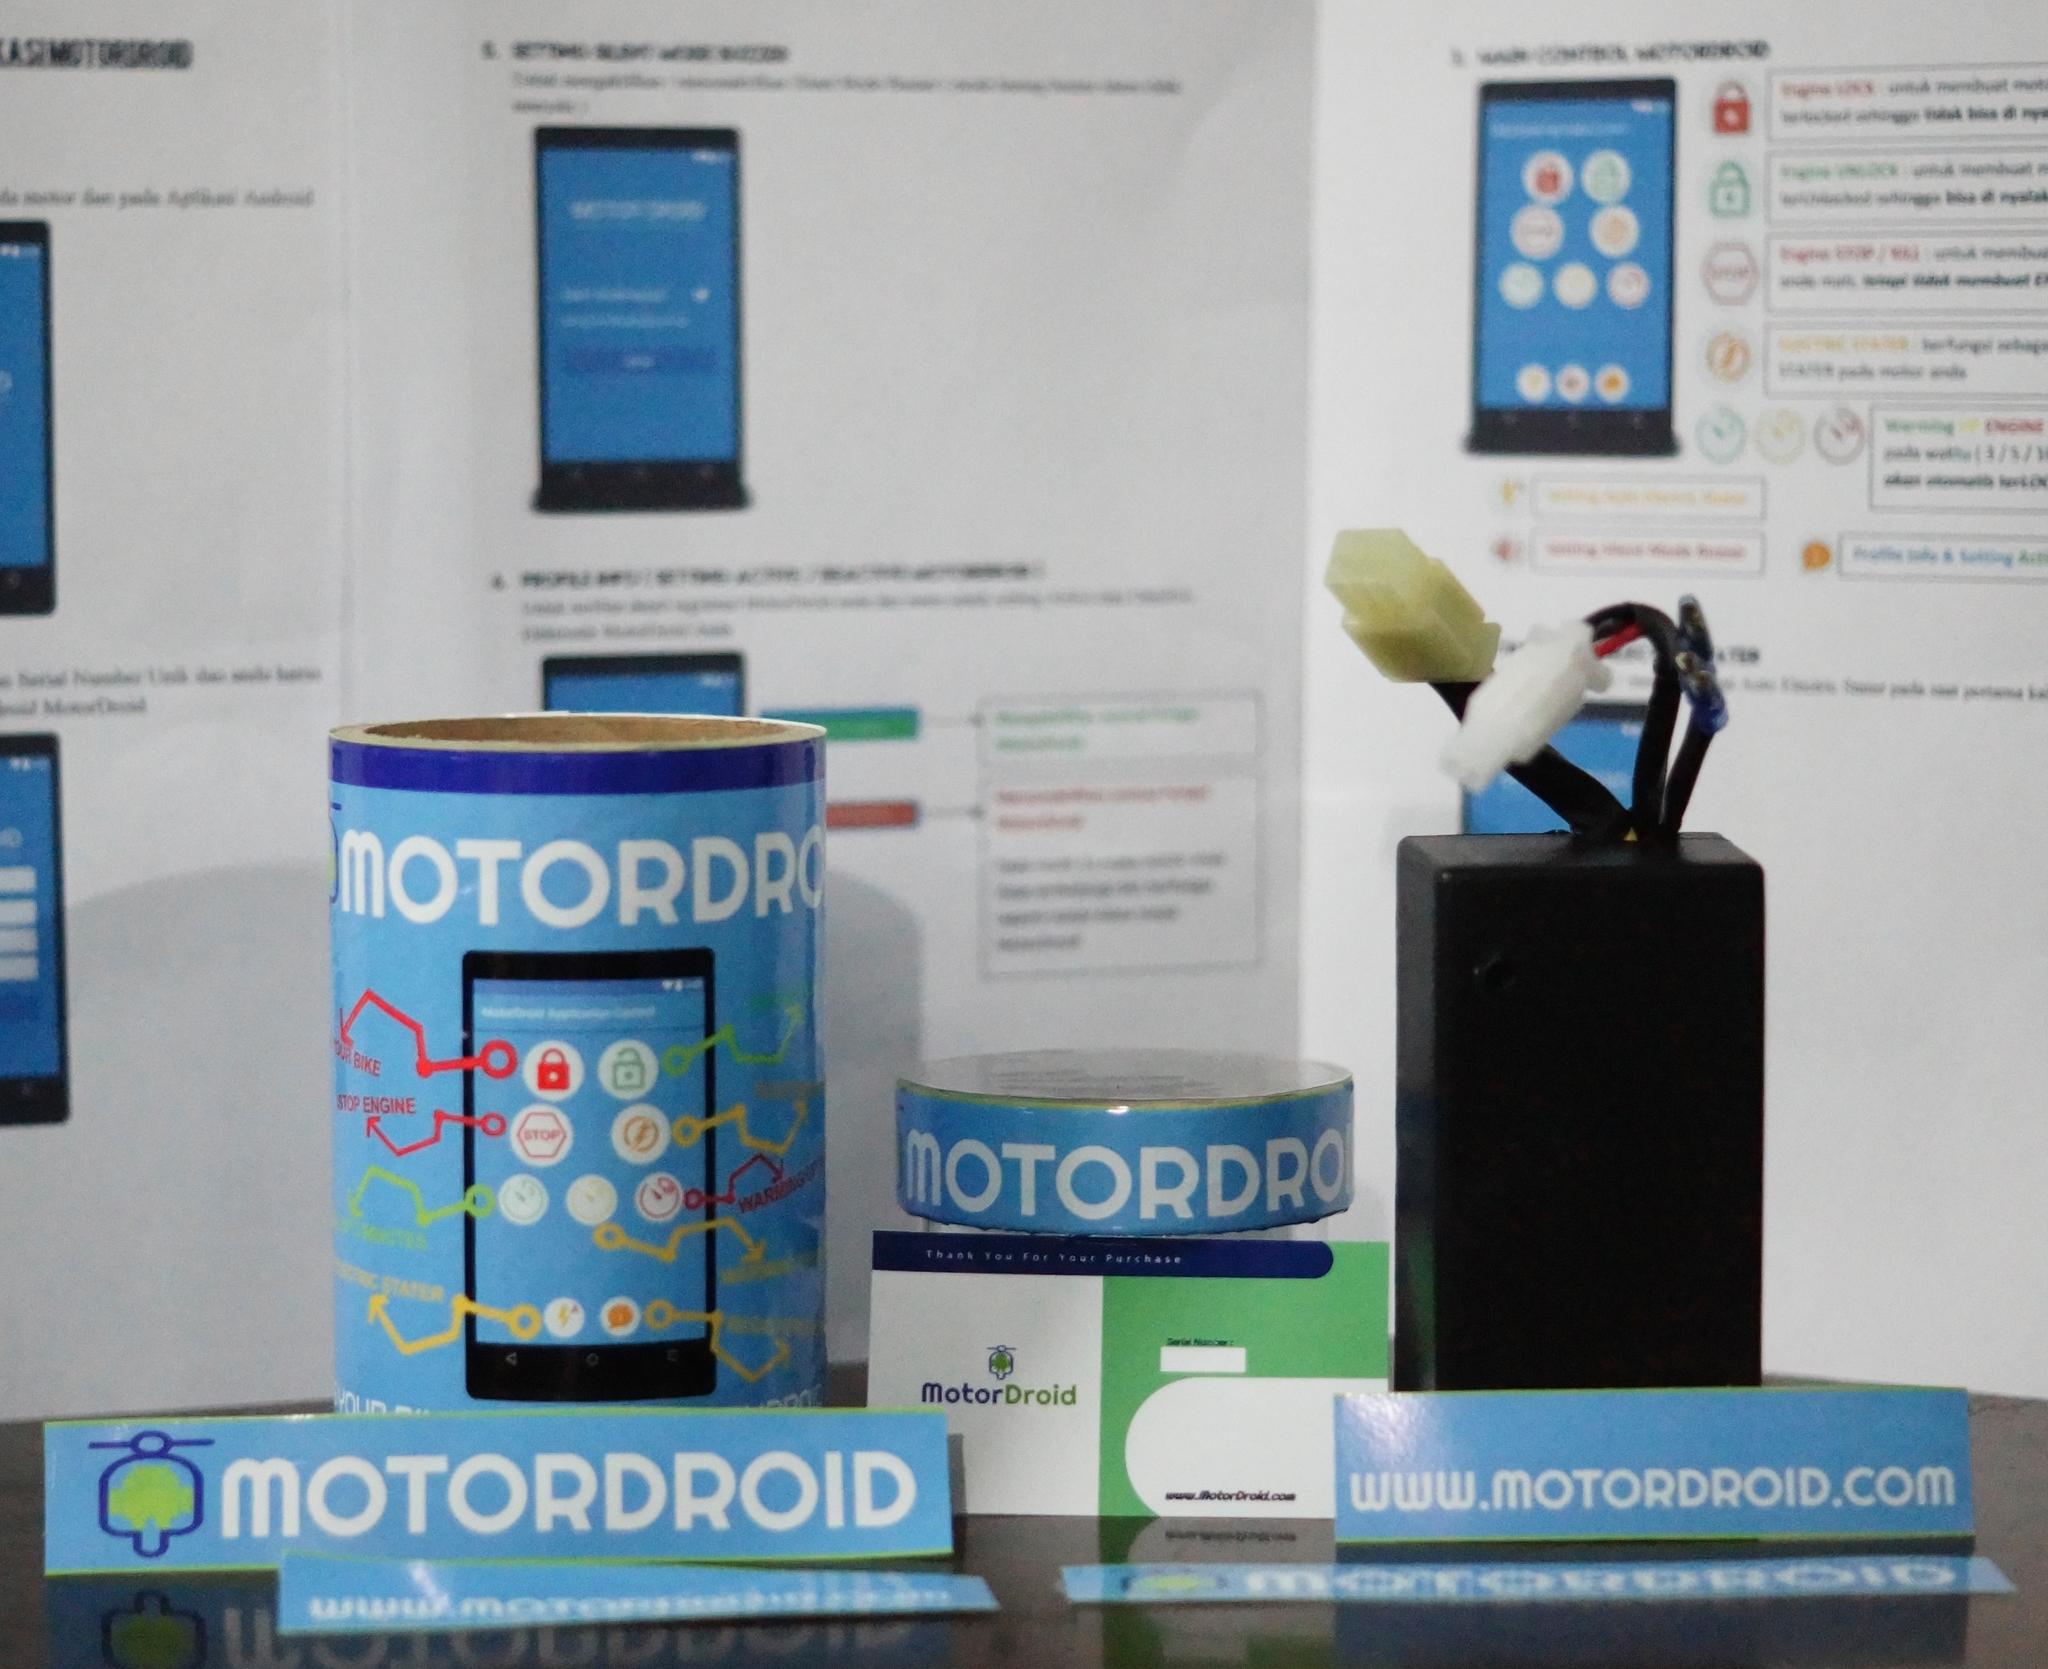 Jual Motordroid Alarm System Dengan Remote Control Menggunakan Hp Kunci Electric Wireless Sepeda Android Tokopedia